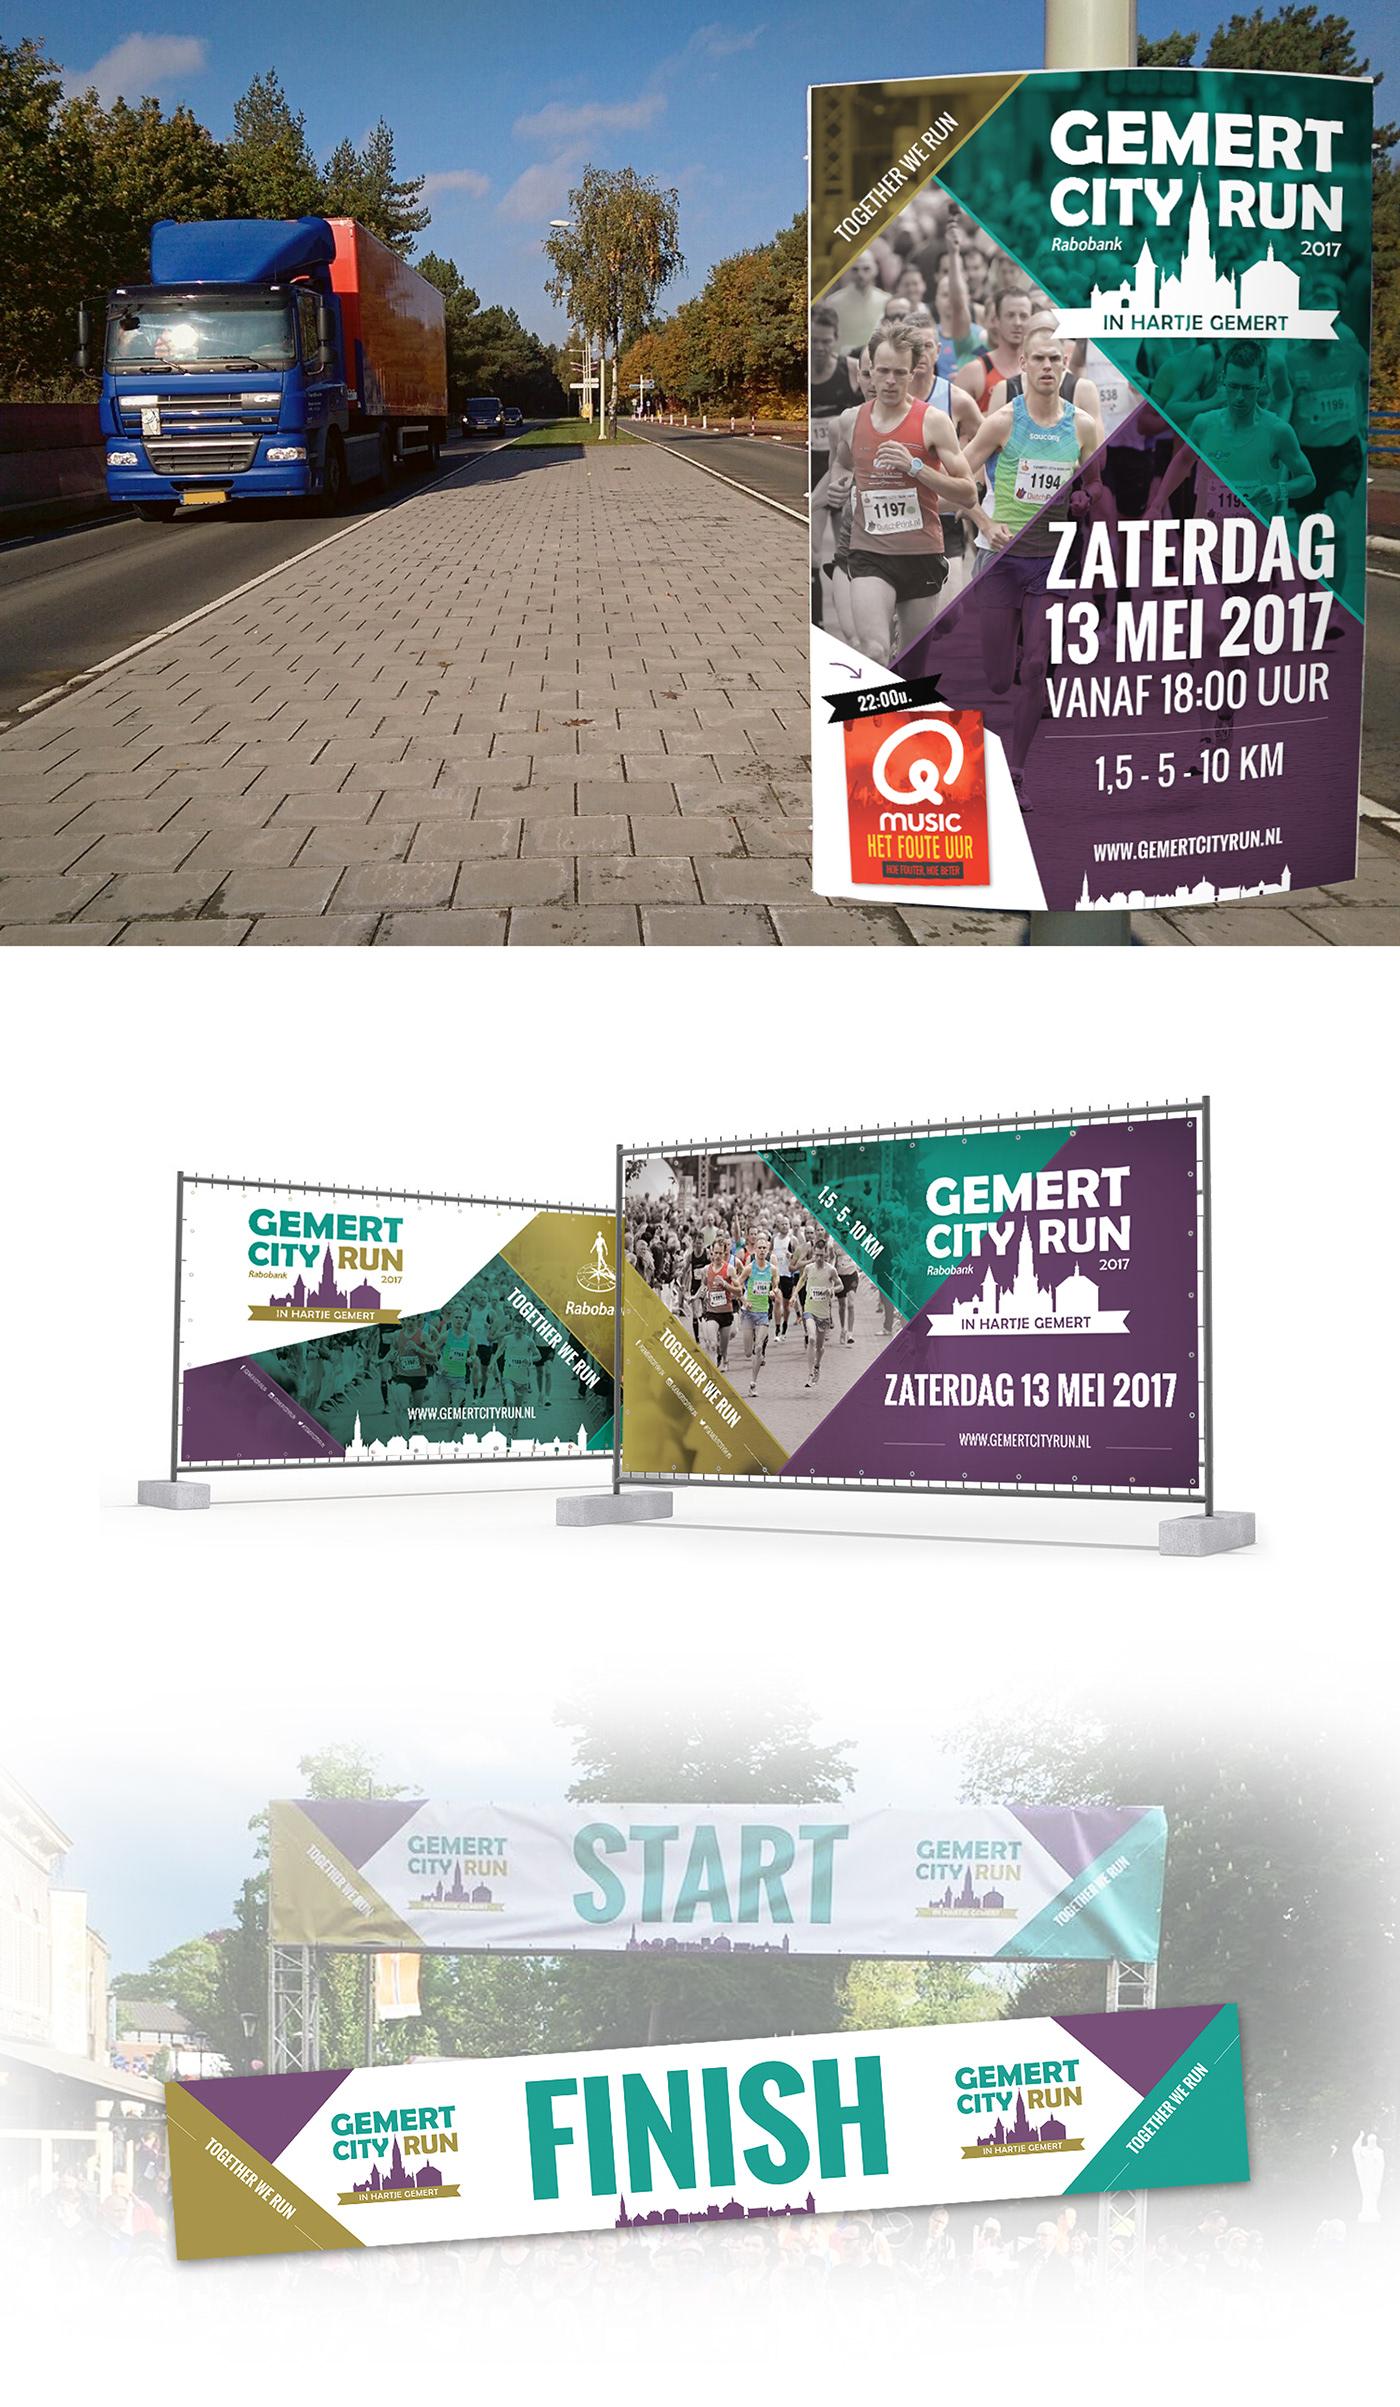 Adobe Portfolio graphic design  Logo Design flyer poster Promotiemateriaal drukwerk Gemert City Run branding